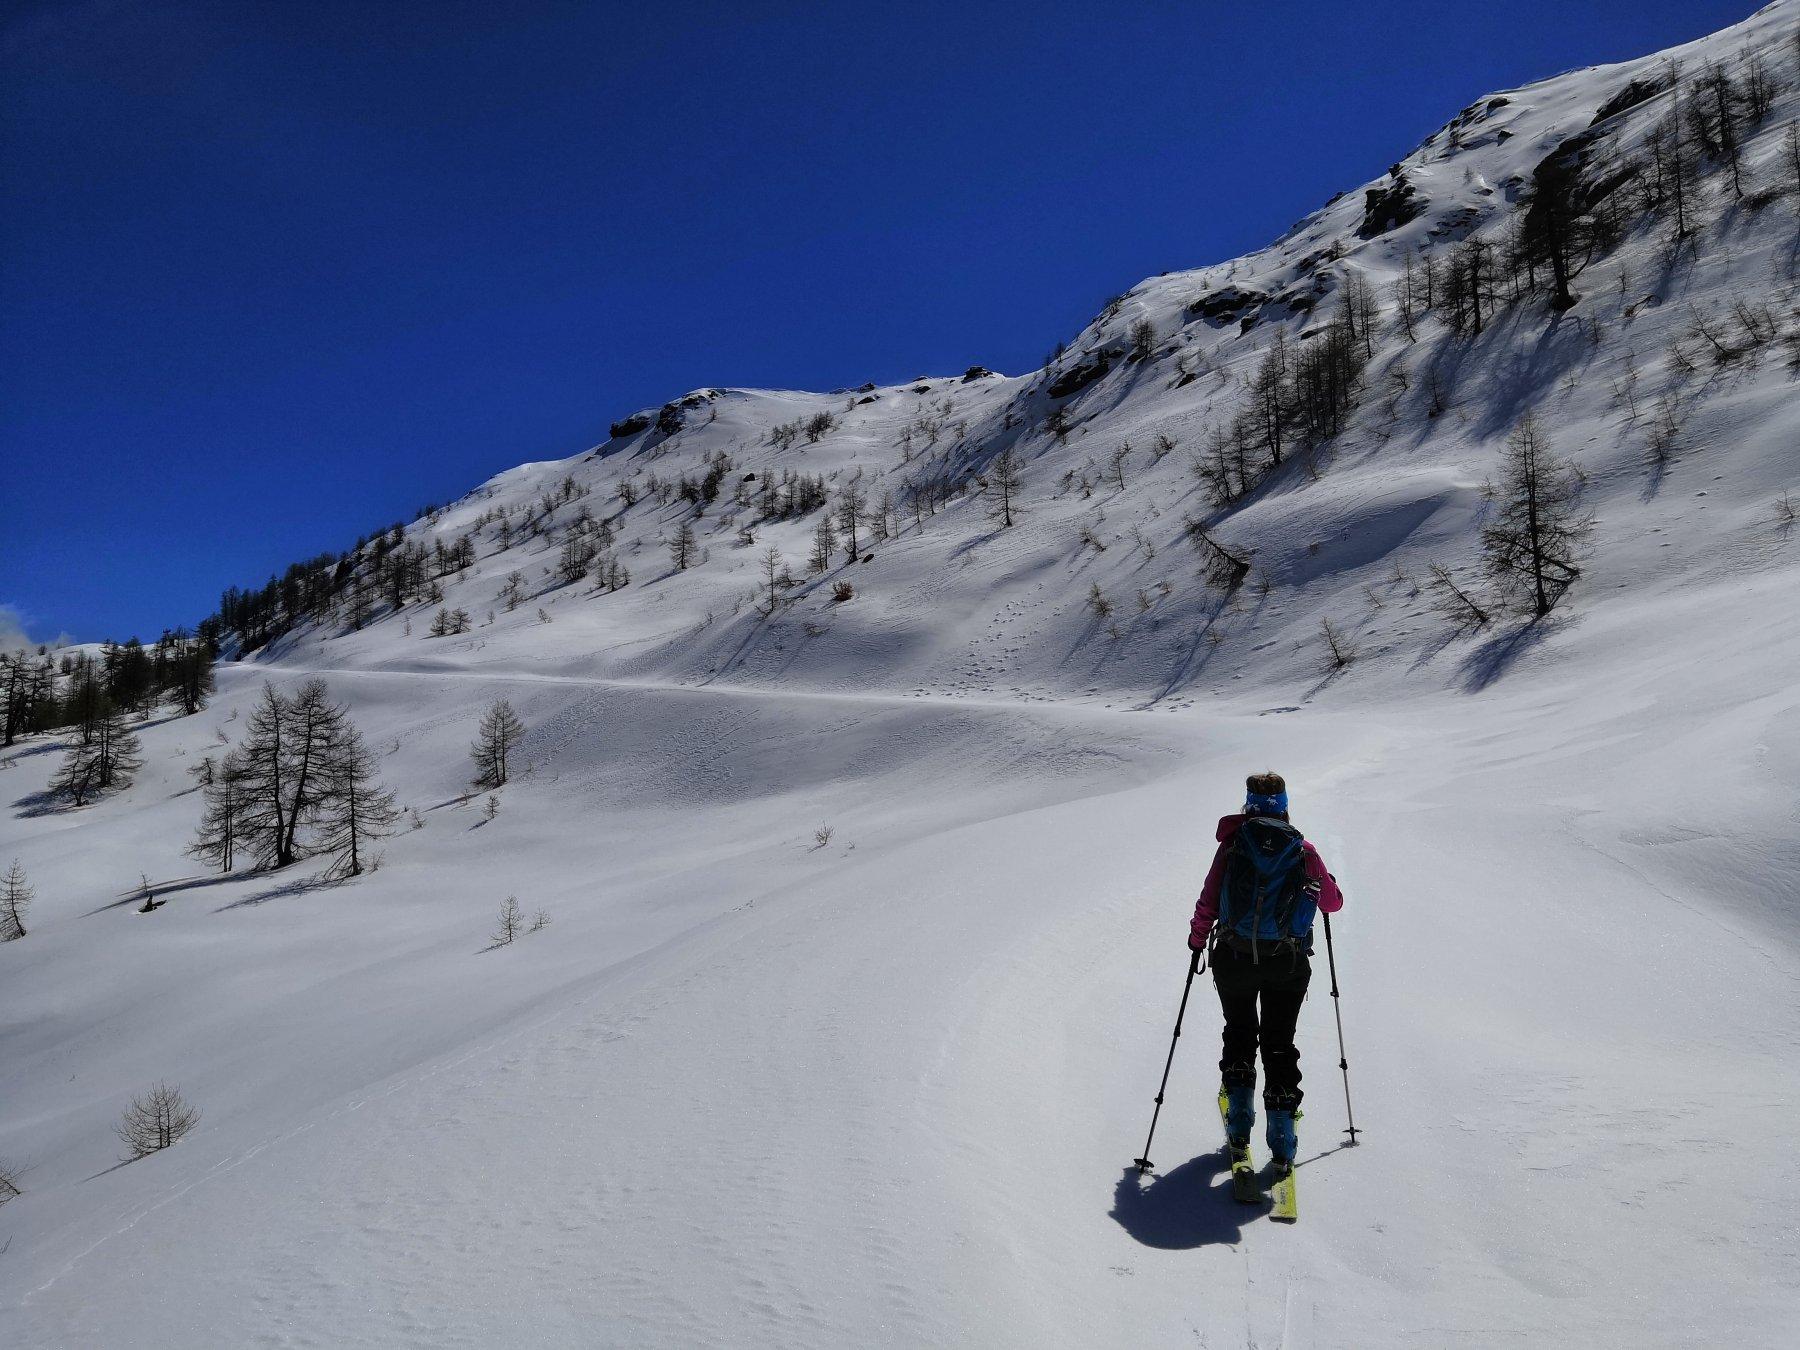 Sulla strada per l'arrivo dello skilift